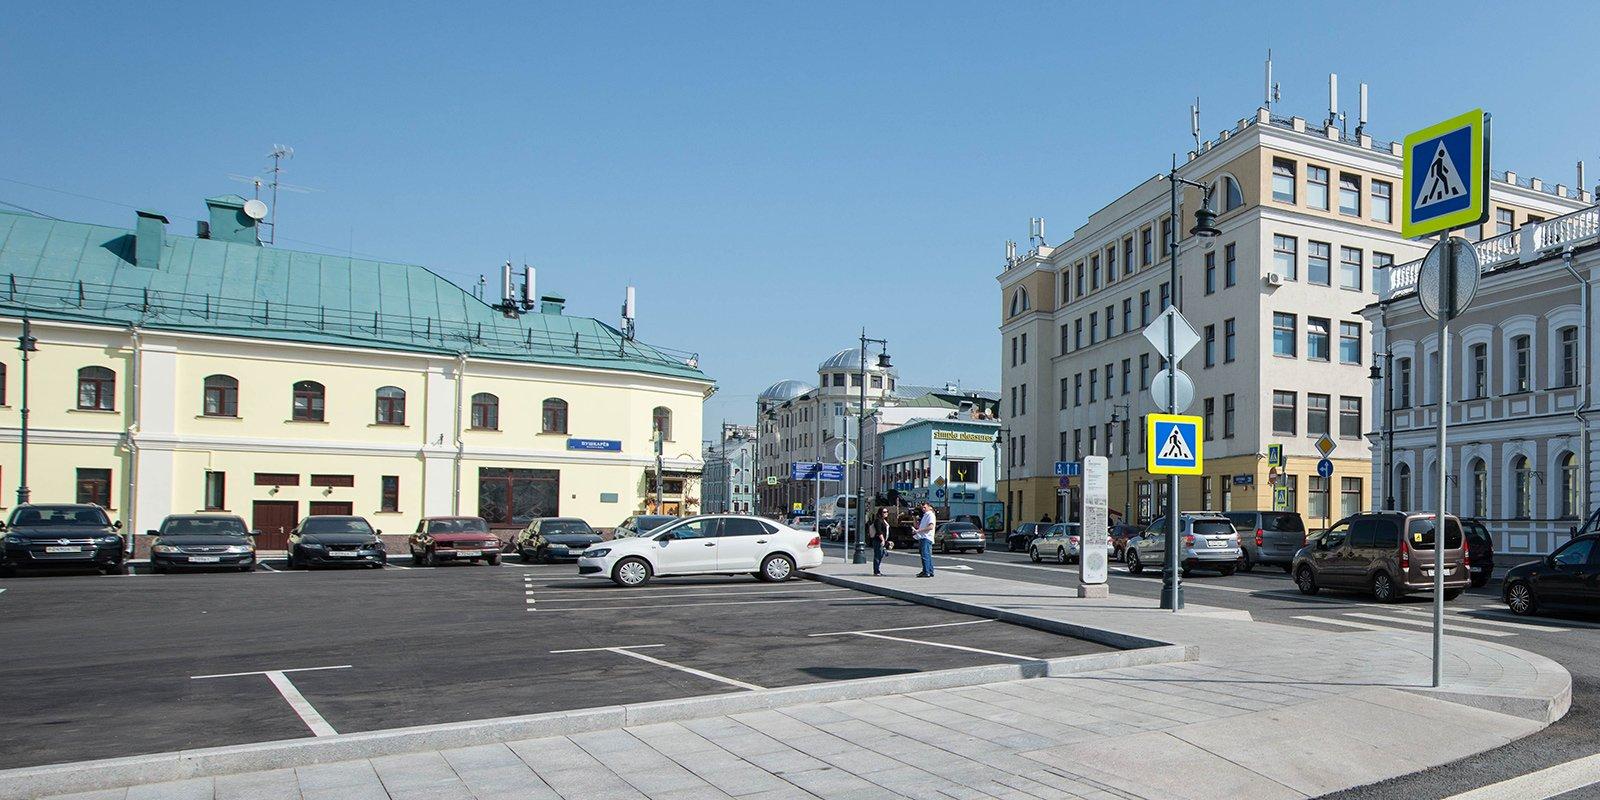 Новый способ обжаловать штраф за парковку появился в Москве